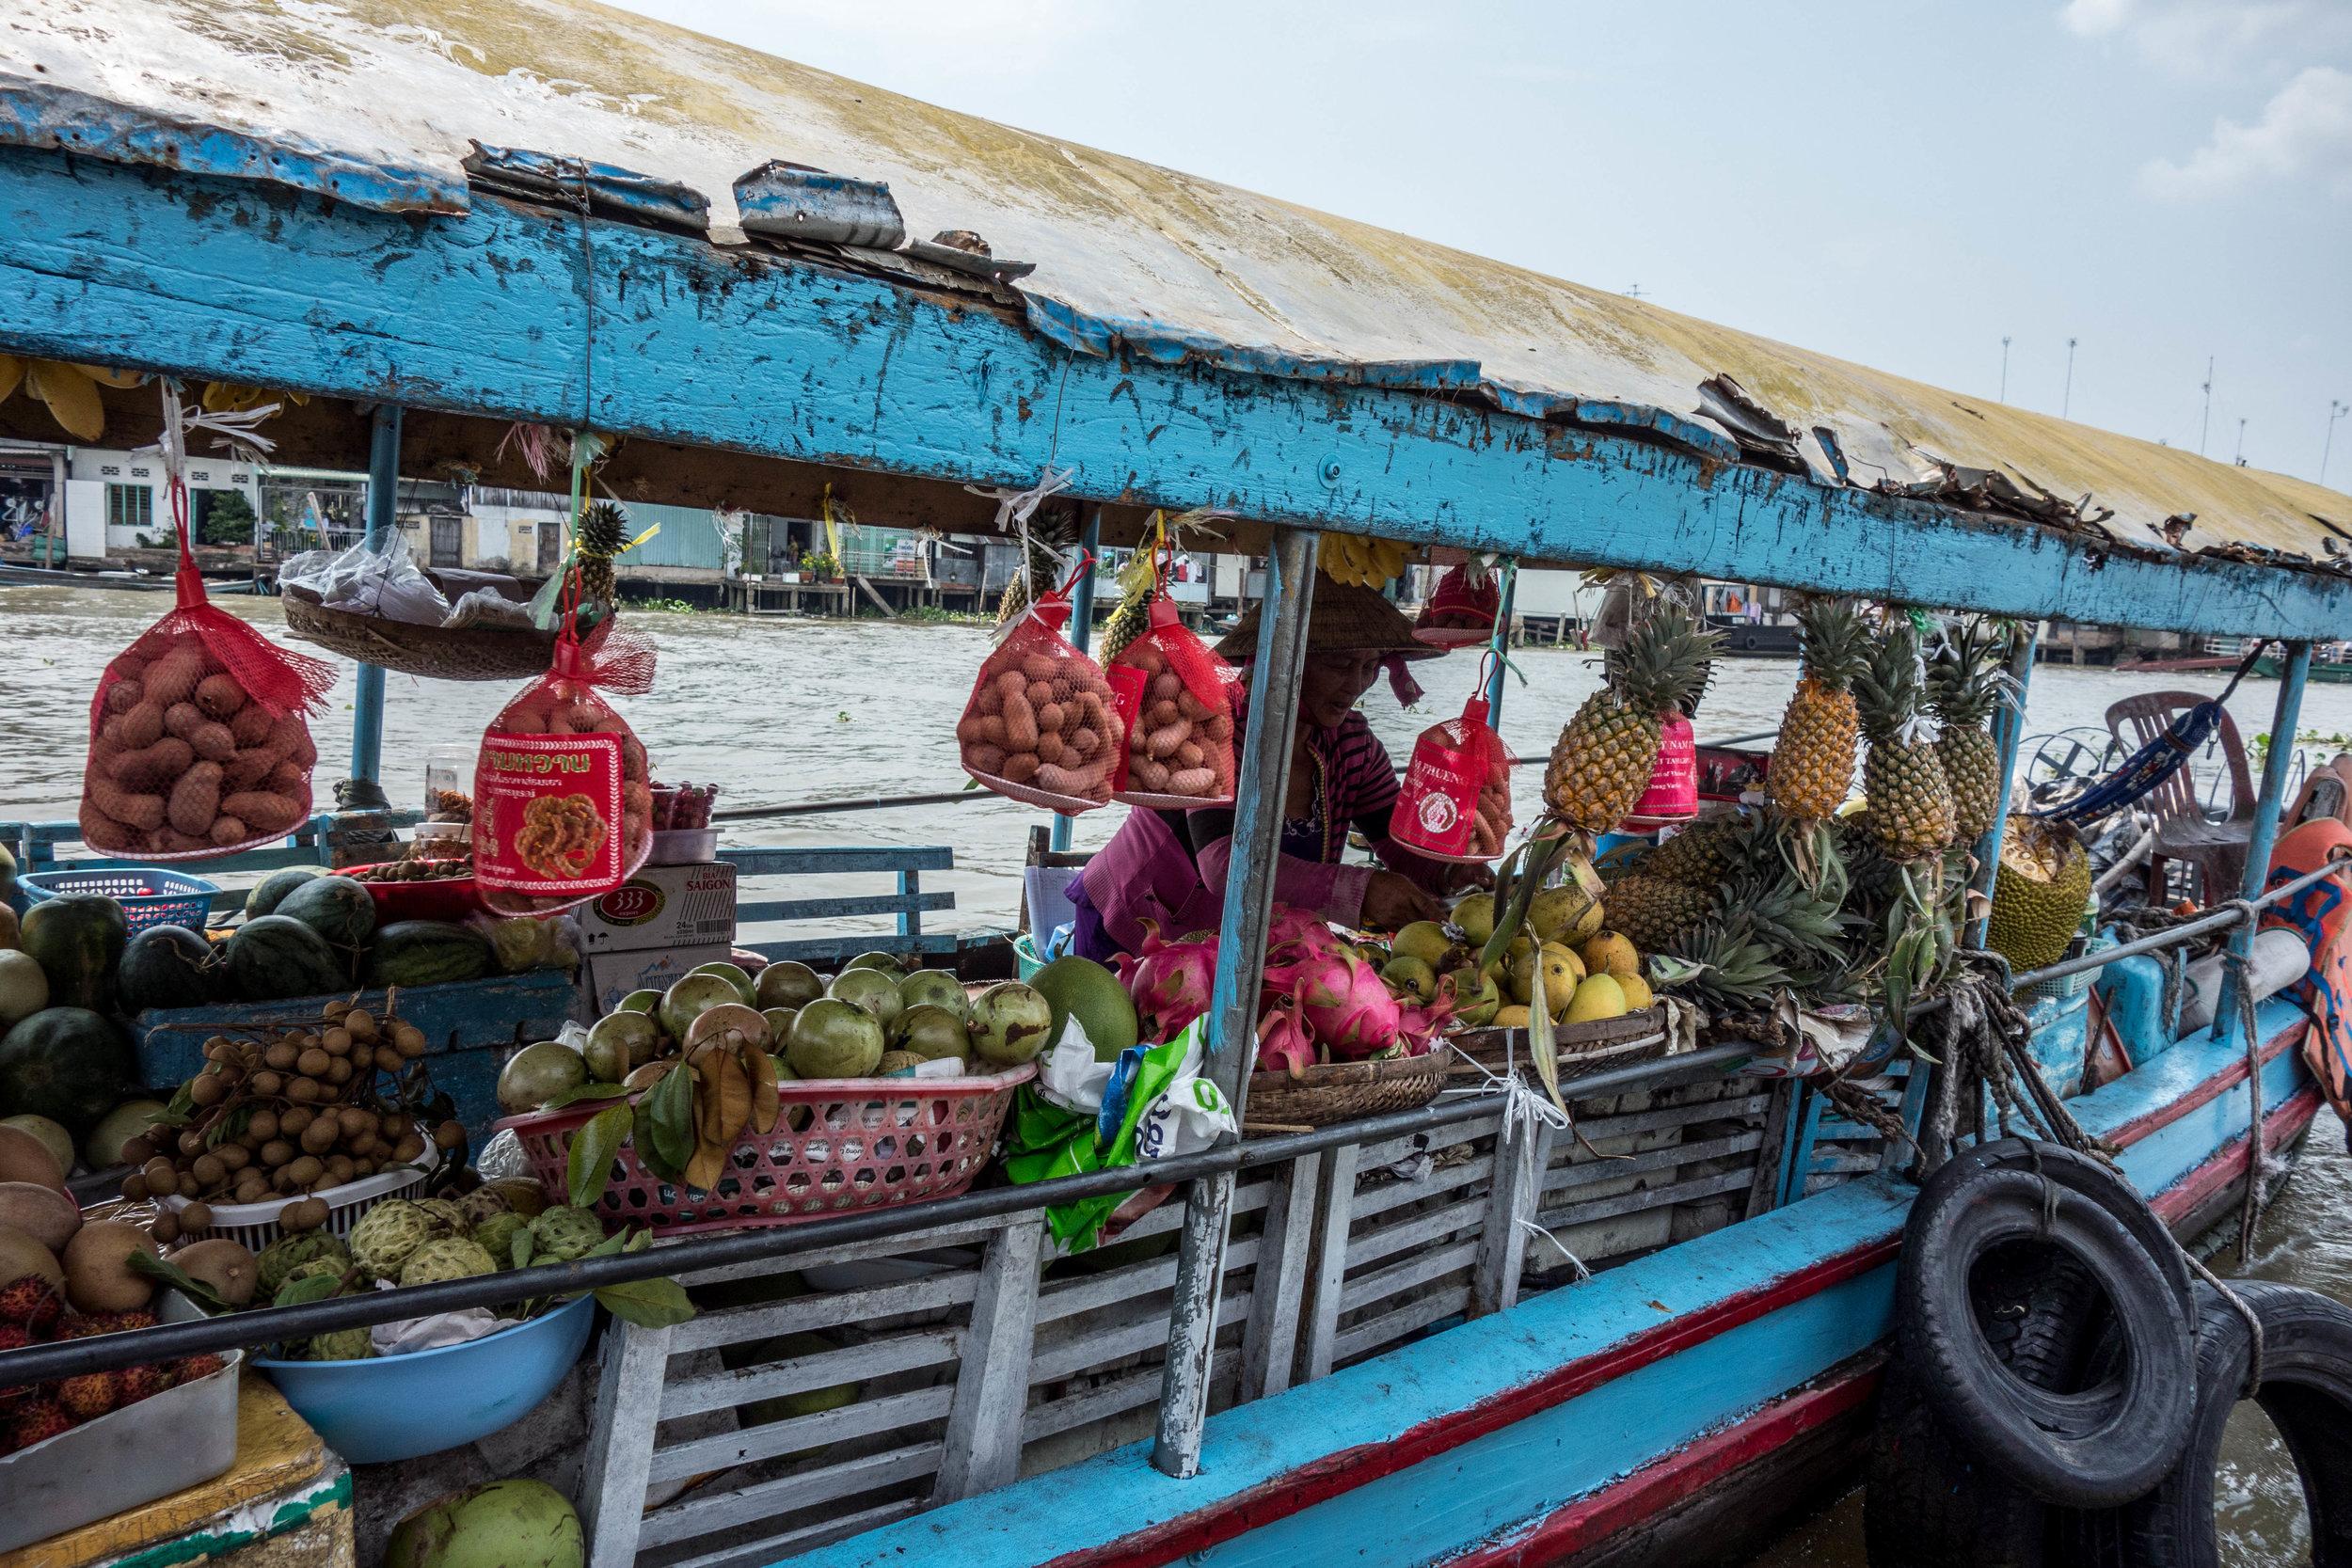 Floating market on the Mekong Delta.